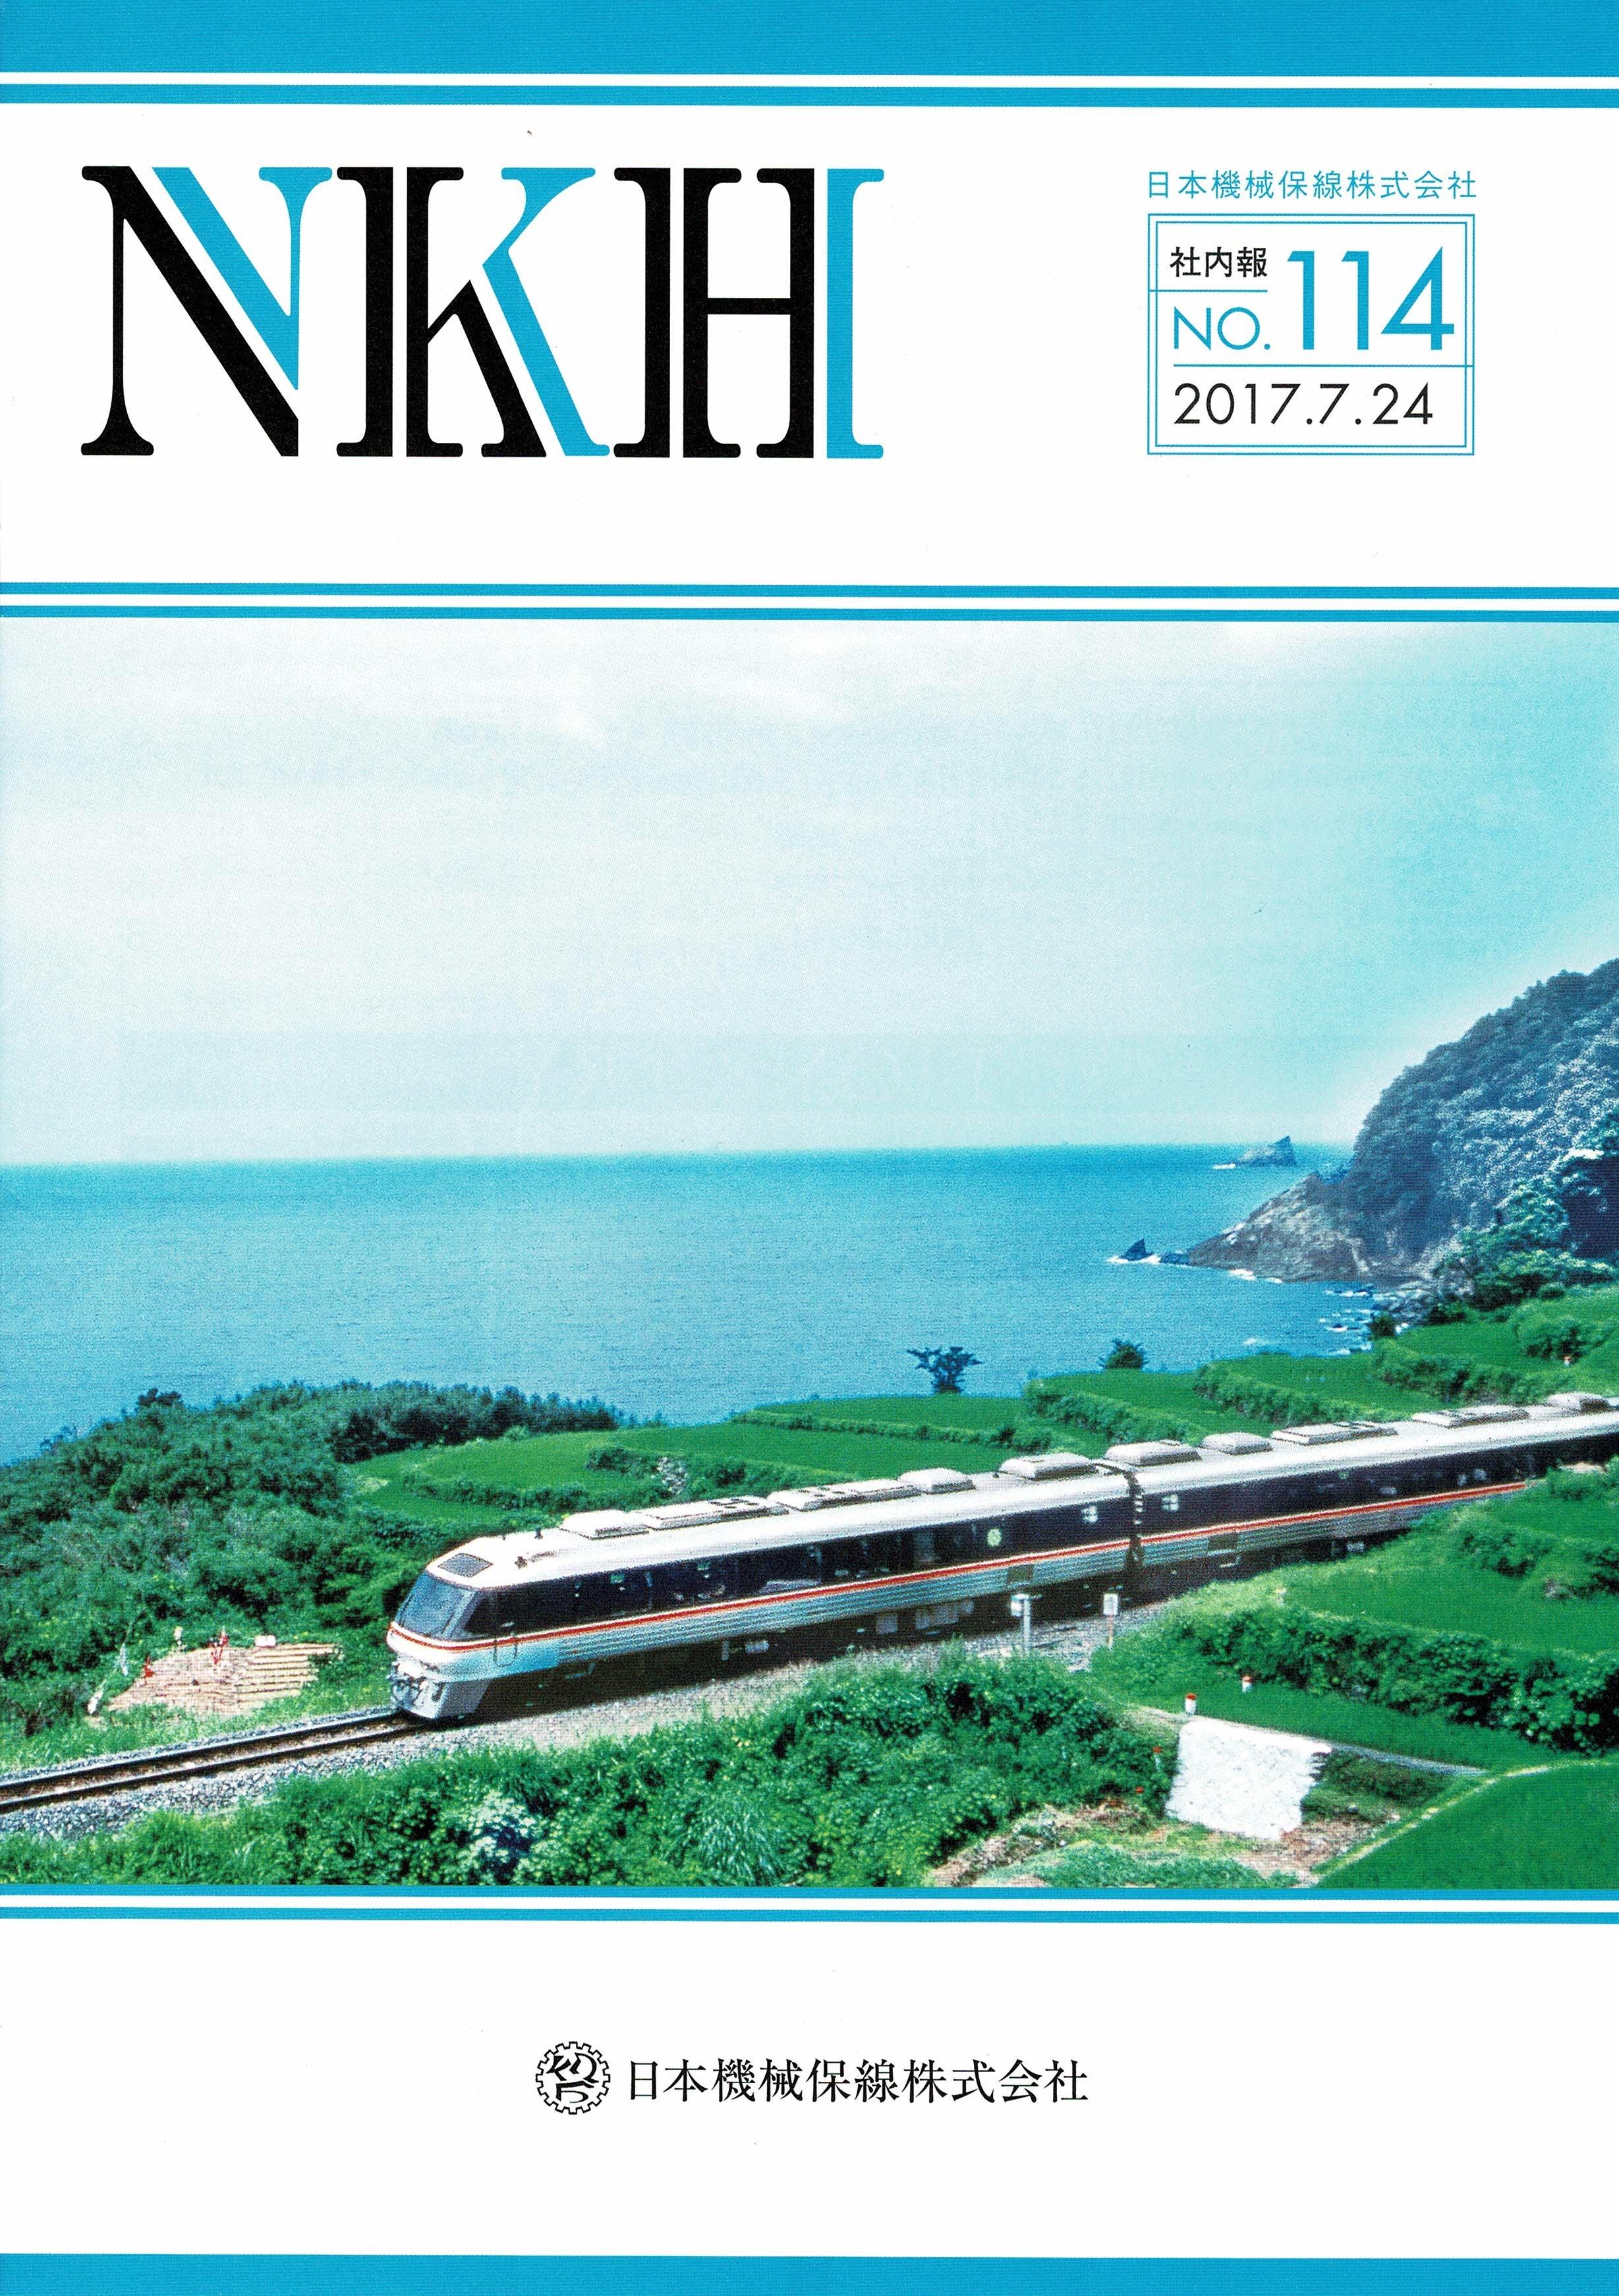 nkh114.jpg